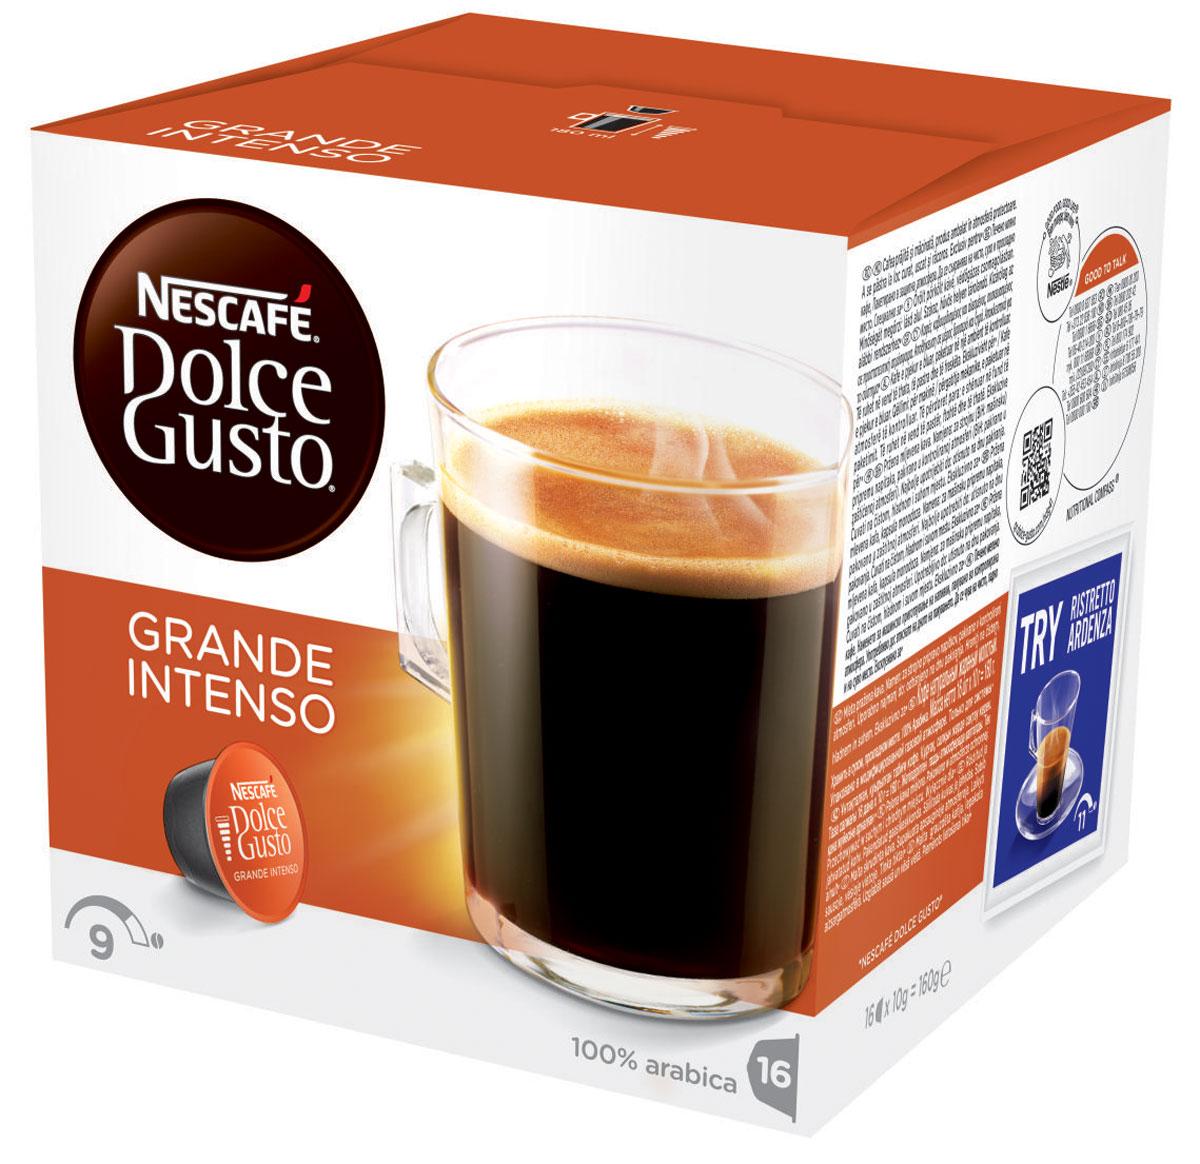 Nescafe Dolce Gusto Grande Intenso кофе в капсулах, 16 шт12128828Grande Intenso абсолютно соответствует названию – классический гранде с более насыщенной горчинкой. Приготовленный из зерен Арабики, изысканно контрастный и полноценный – этот хорошо сбалансированный, но никогда не слишком крепкий напиток создан для приготовления в кофемашине Nescafe Dolce Gusto. Слой ароматной пенки, словно последний штрих, создает простой на вид гранде со сложным вкусом. Изготовленный из 100% зерен Арабики, он великолепно подходит для завтрака, или как основной напиток для посиделок, или для спокойного времяпрепровождения в одиночестве. Будет ли это первая чашка кофе с утра или в любое время в течение дня, капсульный кофе гранде Intenso всегда бьет в цель. Нет необходимости идти в кофейню, чтобы насладиться этим великолепным вкусом.